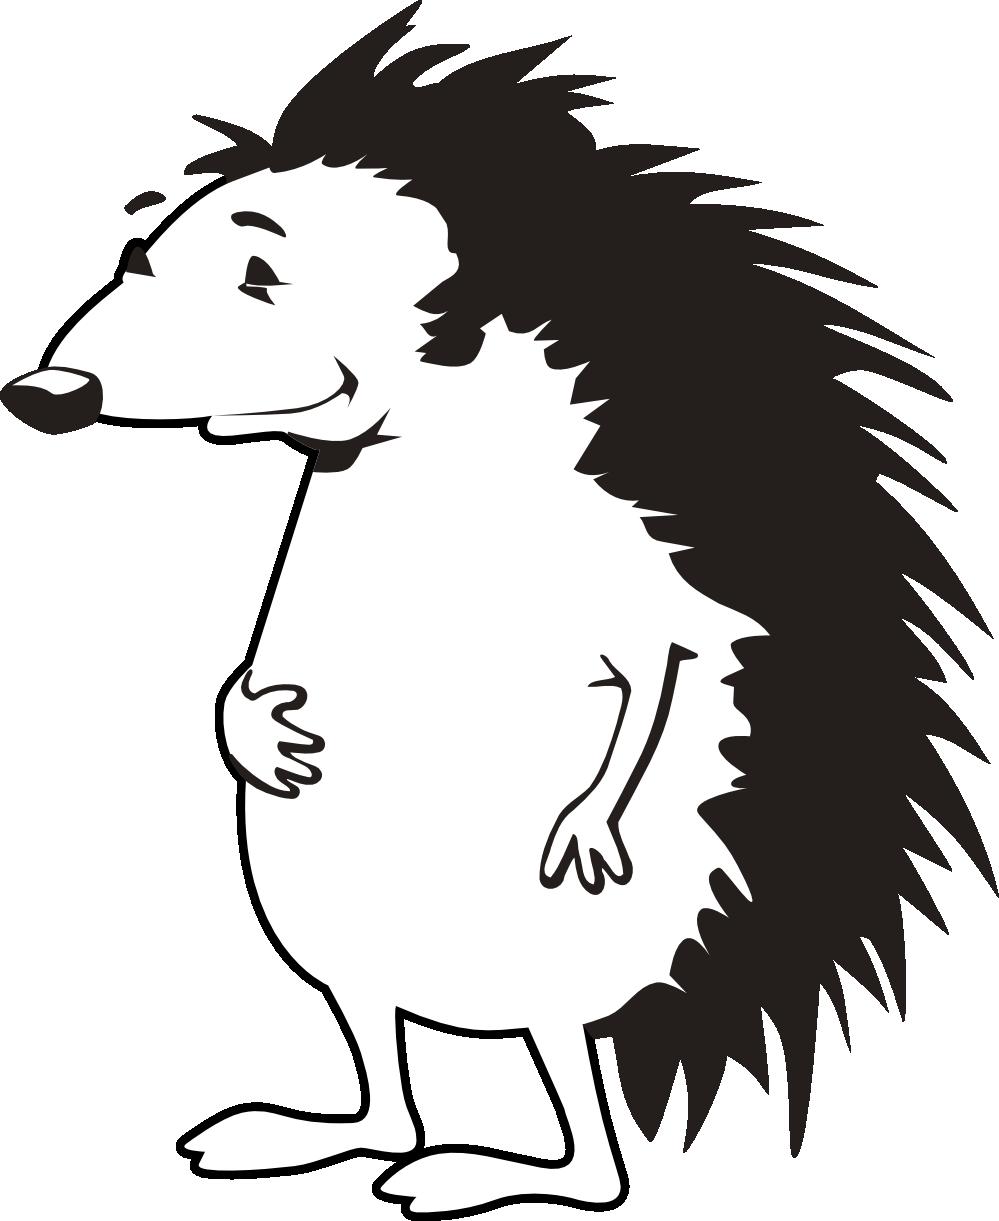 porcupine clip art clipart panda free clipart images rh clipartpanda com cute porcupine clipart baby porcupine clipart